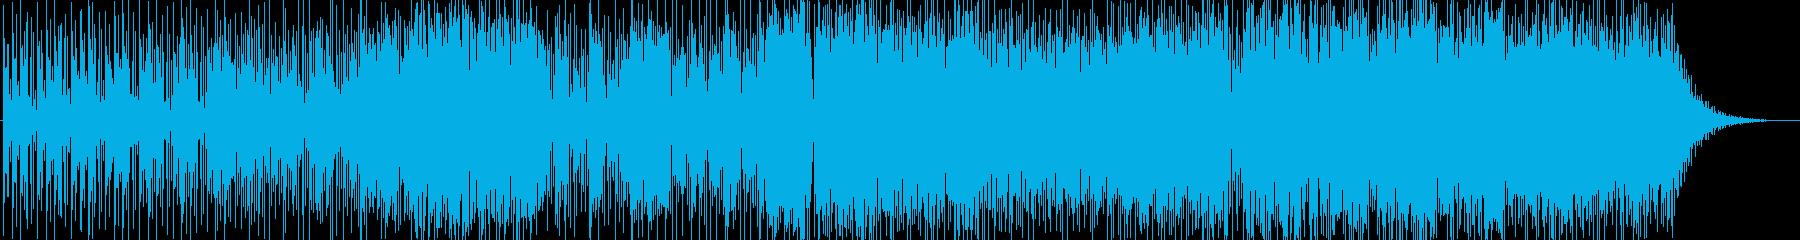 ピアノが印象的な切ないアシッドジャズの再生済みの波形